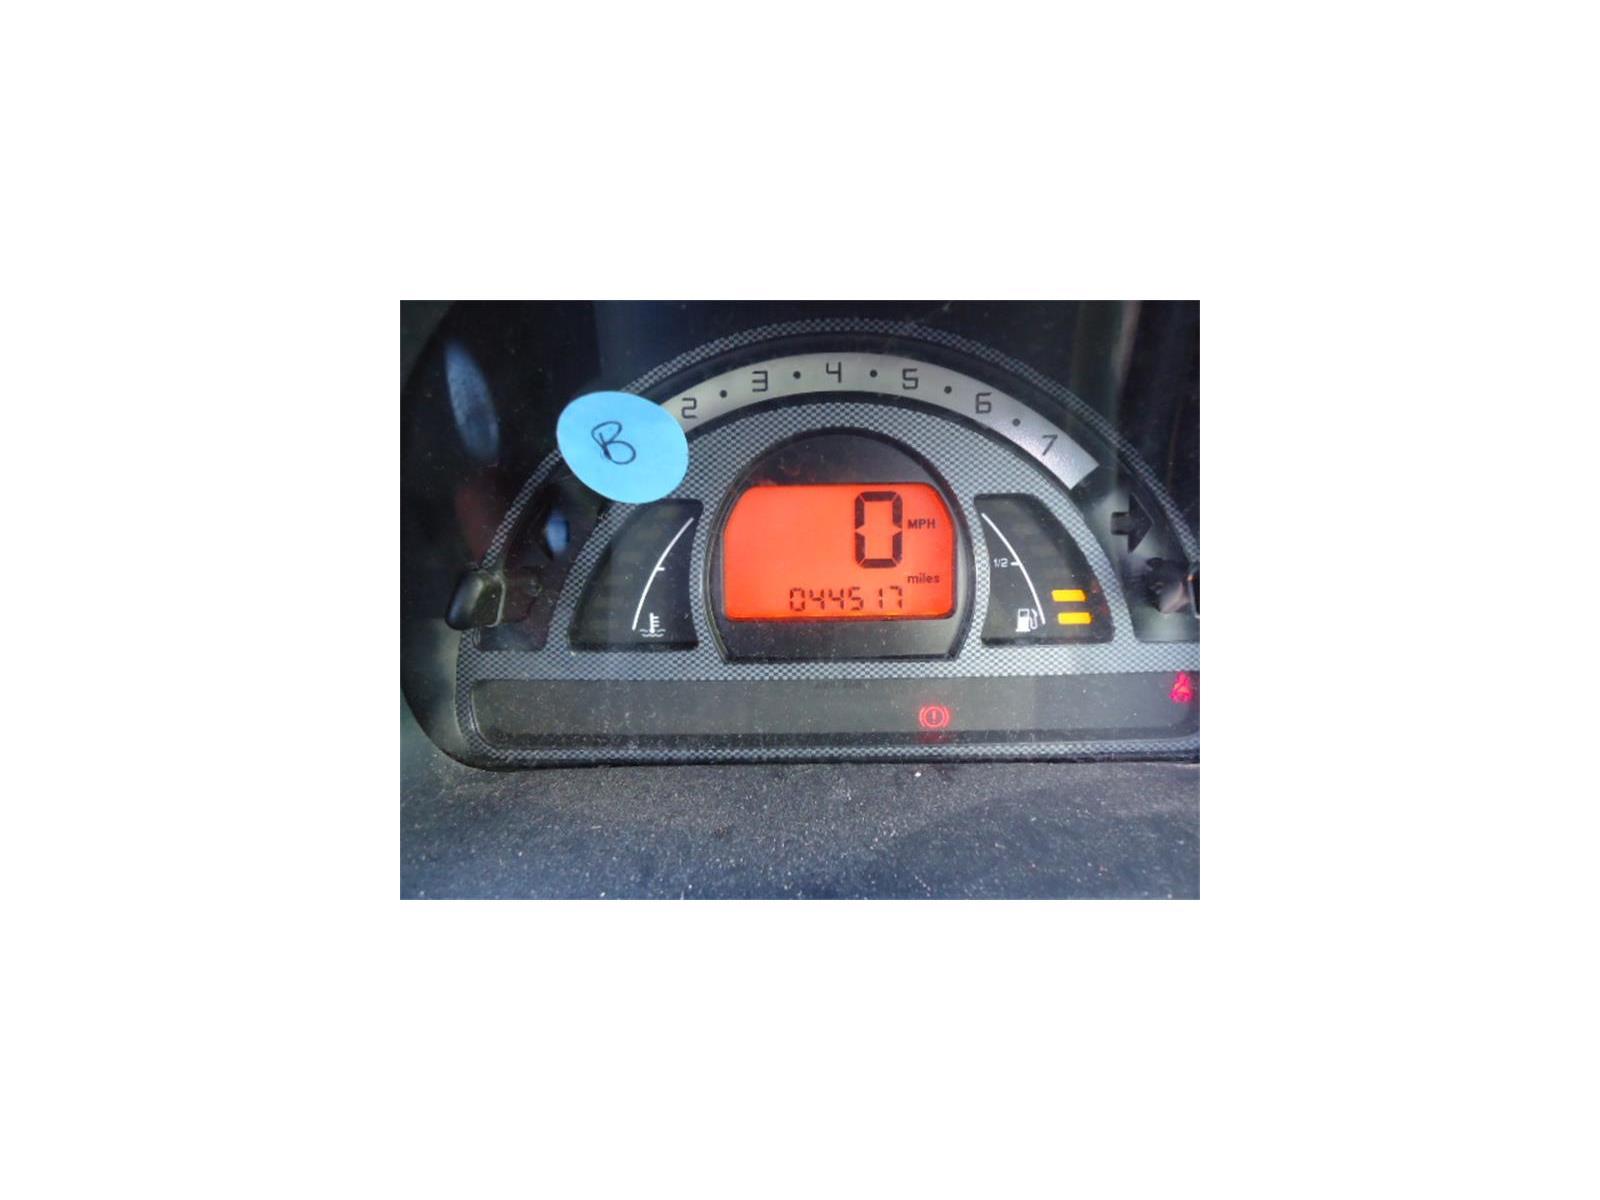 2004 Citroen C2 2003 To 2008 3 Door Hatchback Petrol Sequential Fuse Box